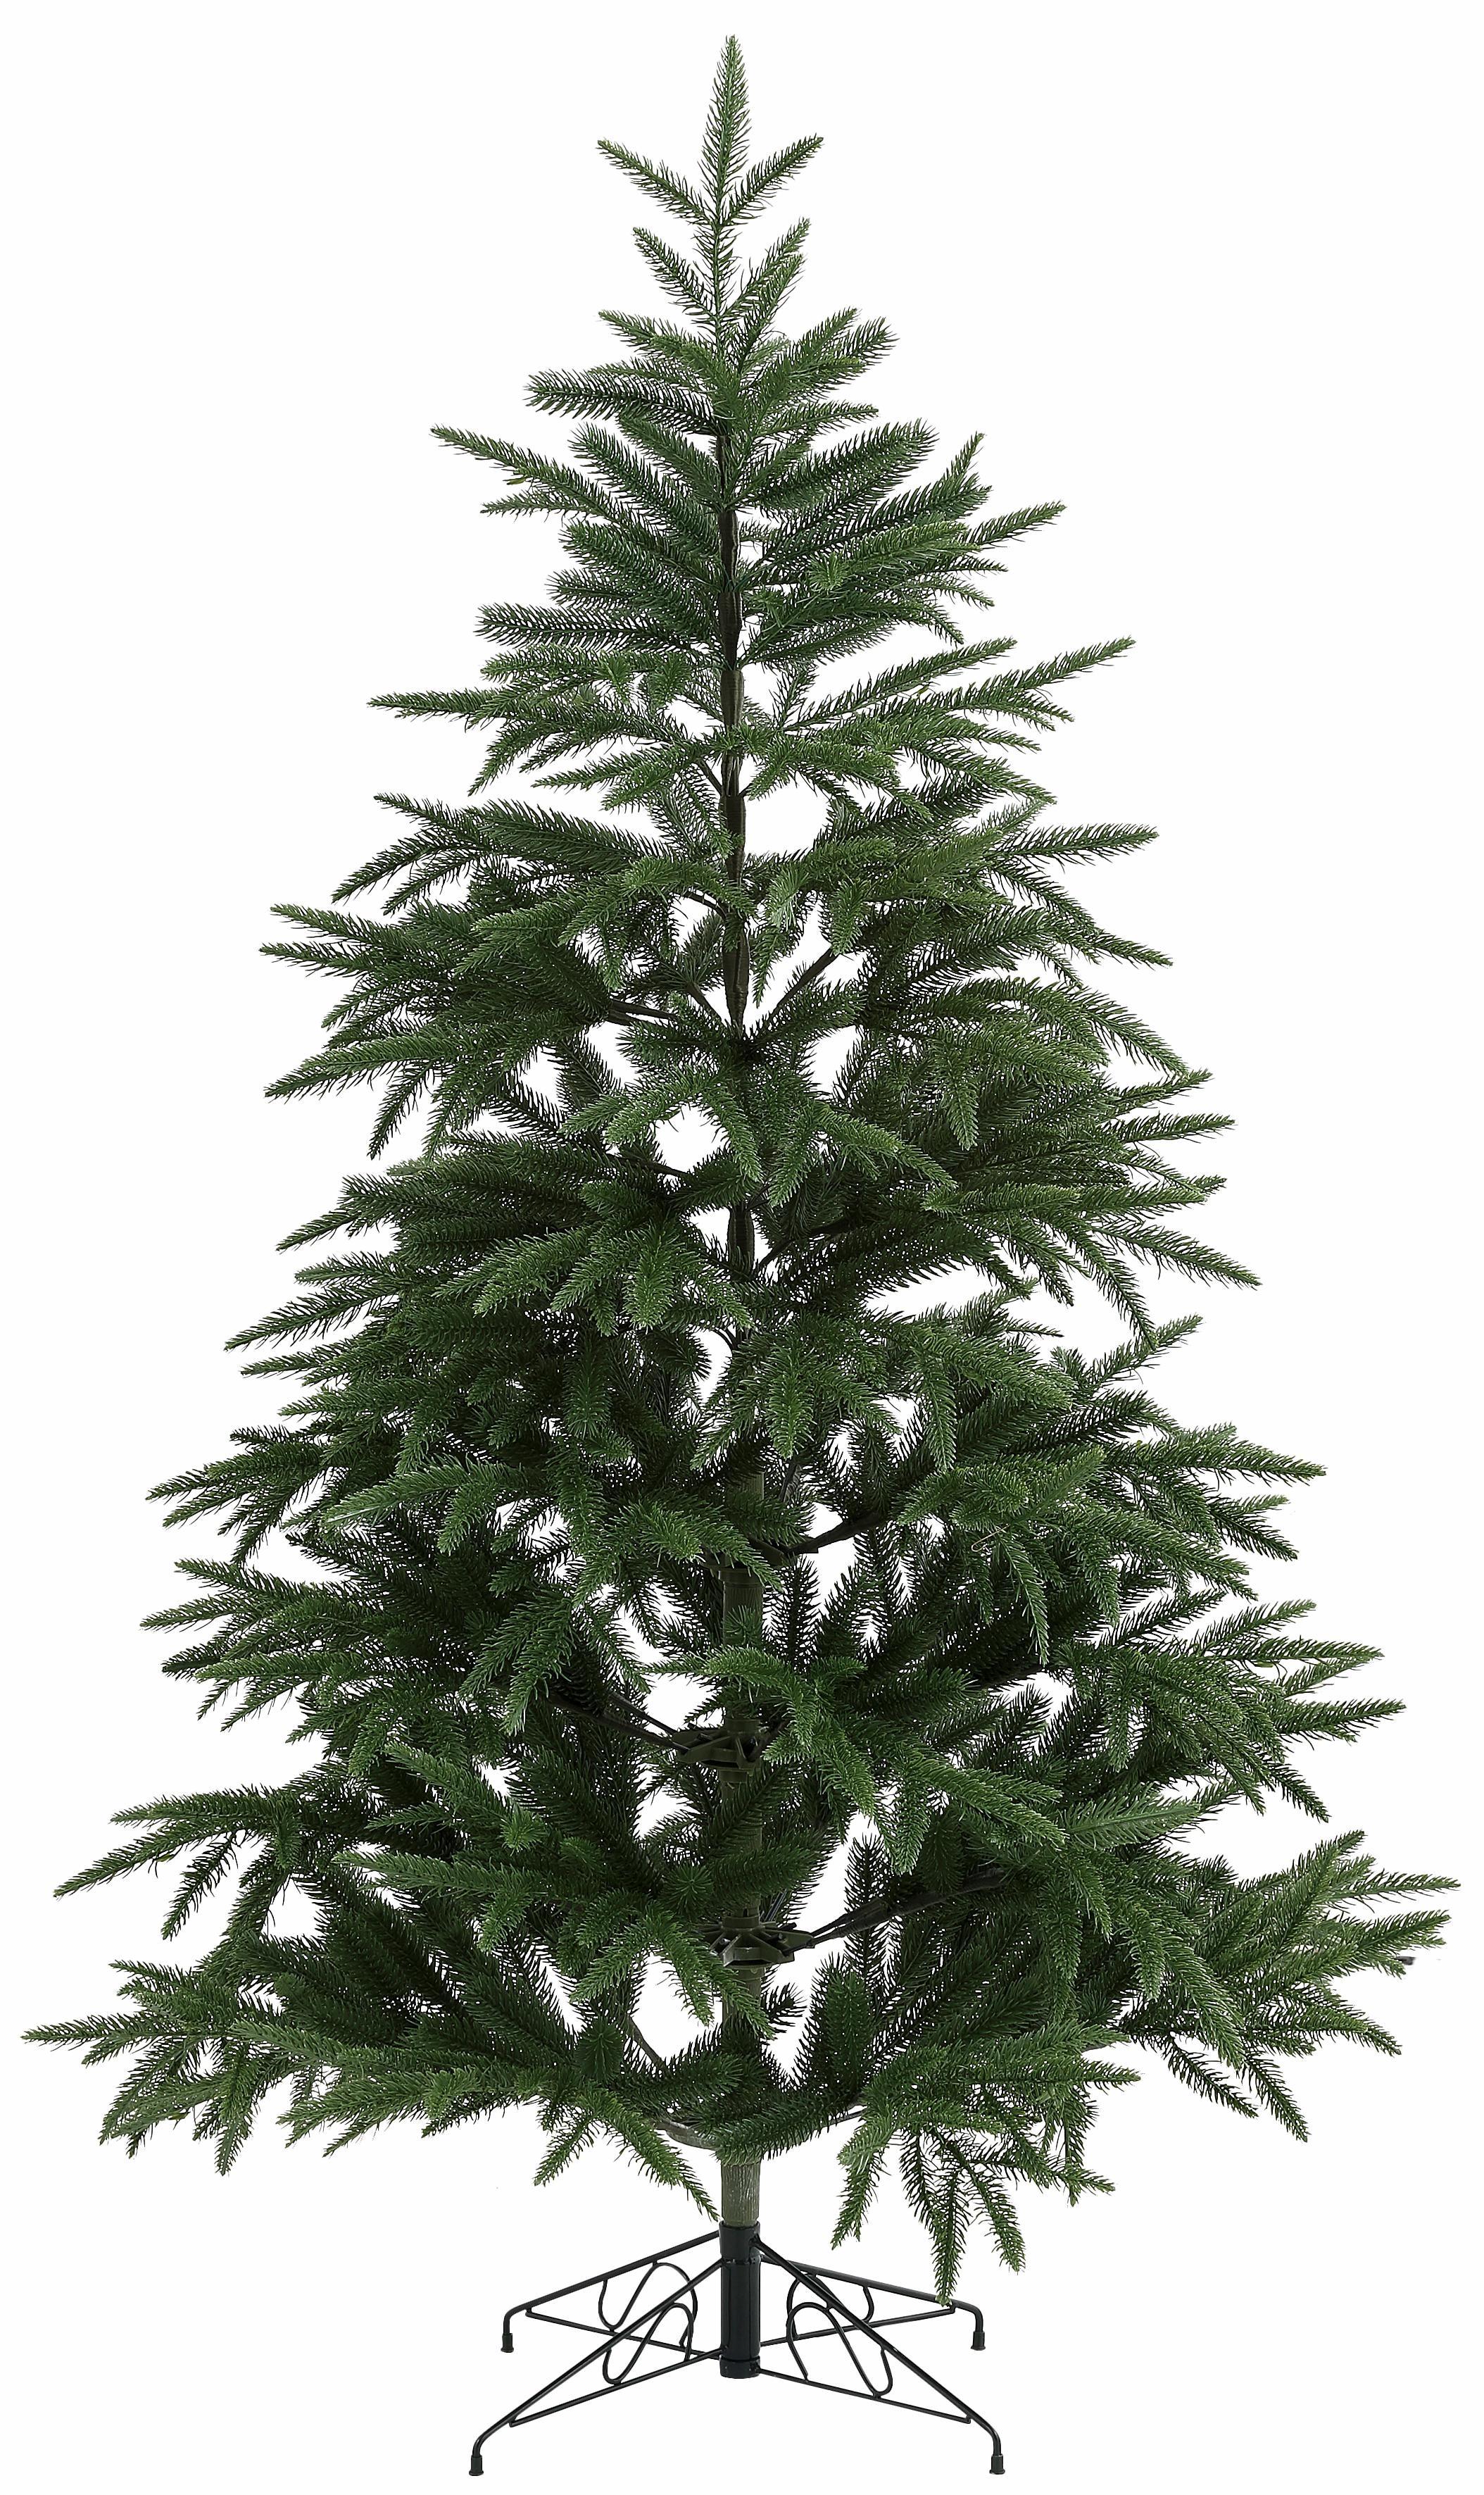 Künstliche Tannenbaum.Künstlicher Weihnachtsbaum Edeltanne Bestellen Baur